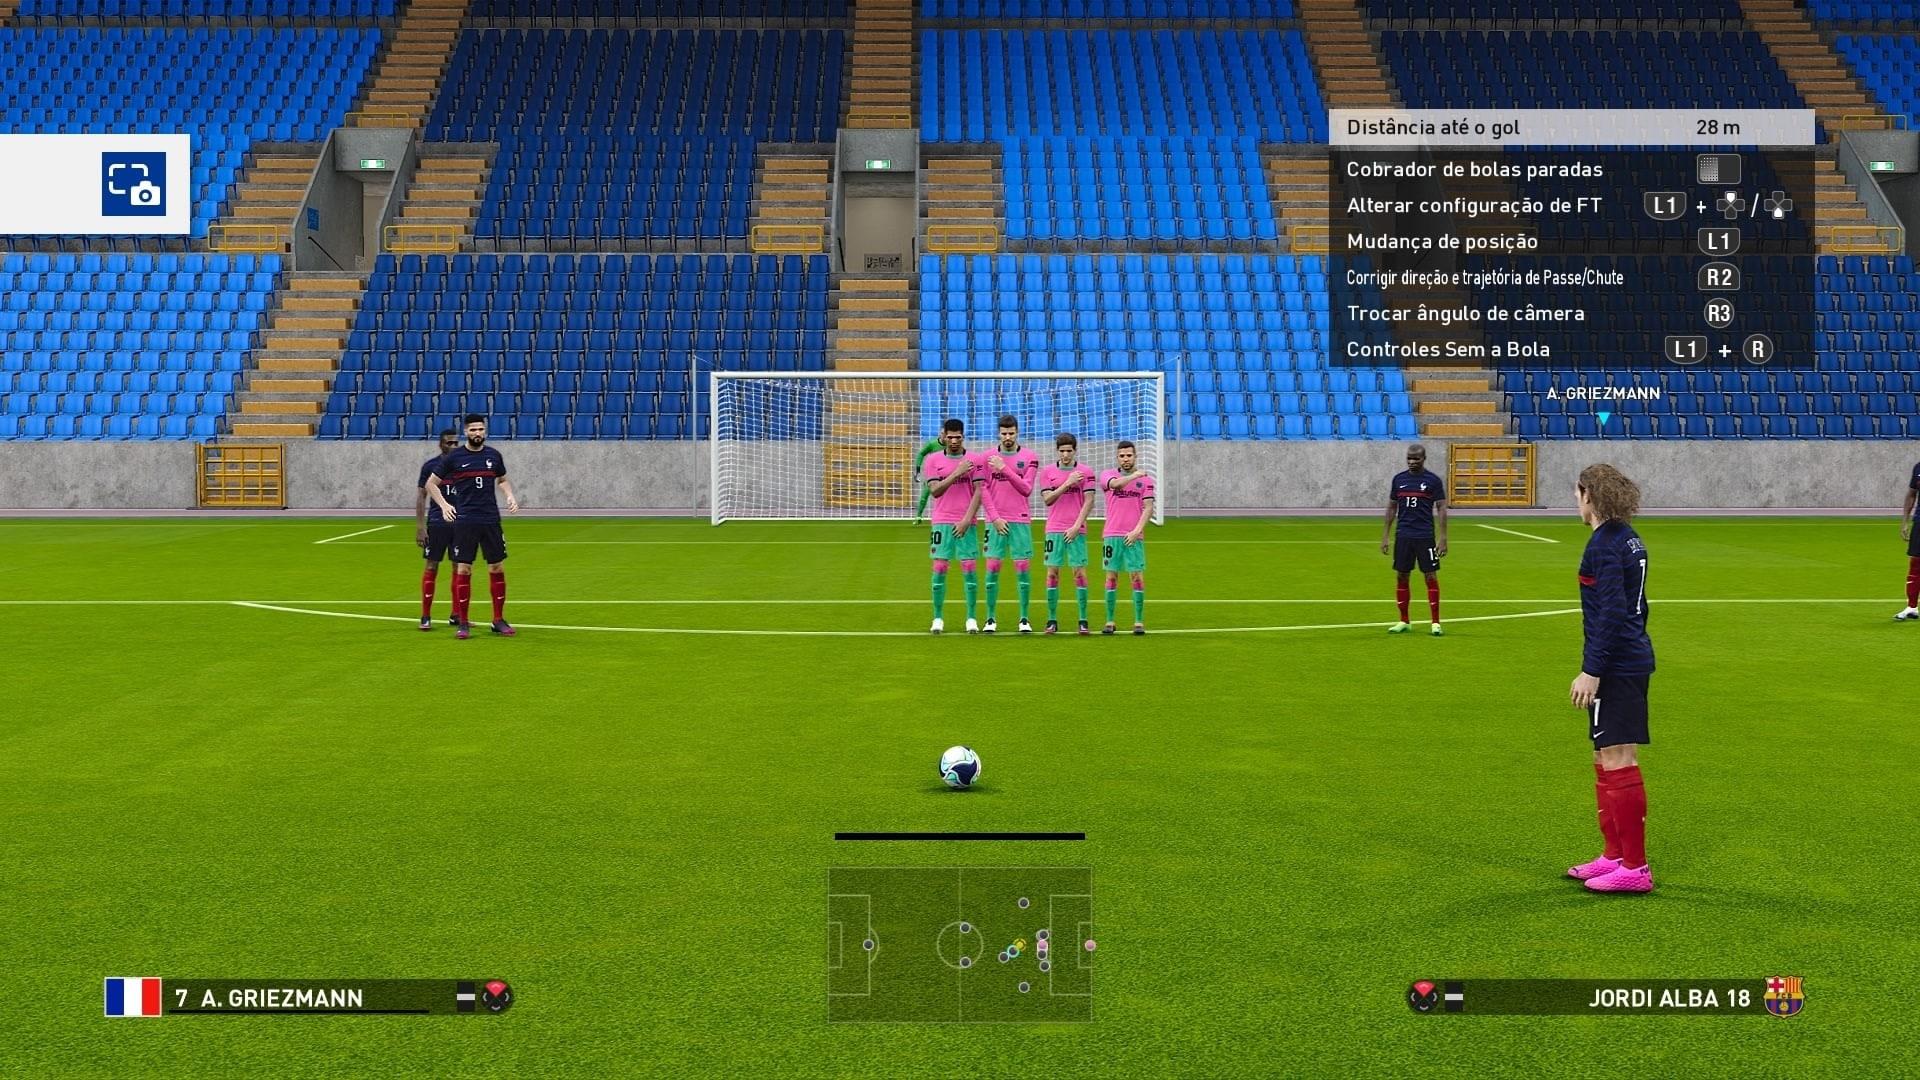 eFootball PES 2021 - Modo Treino